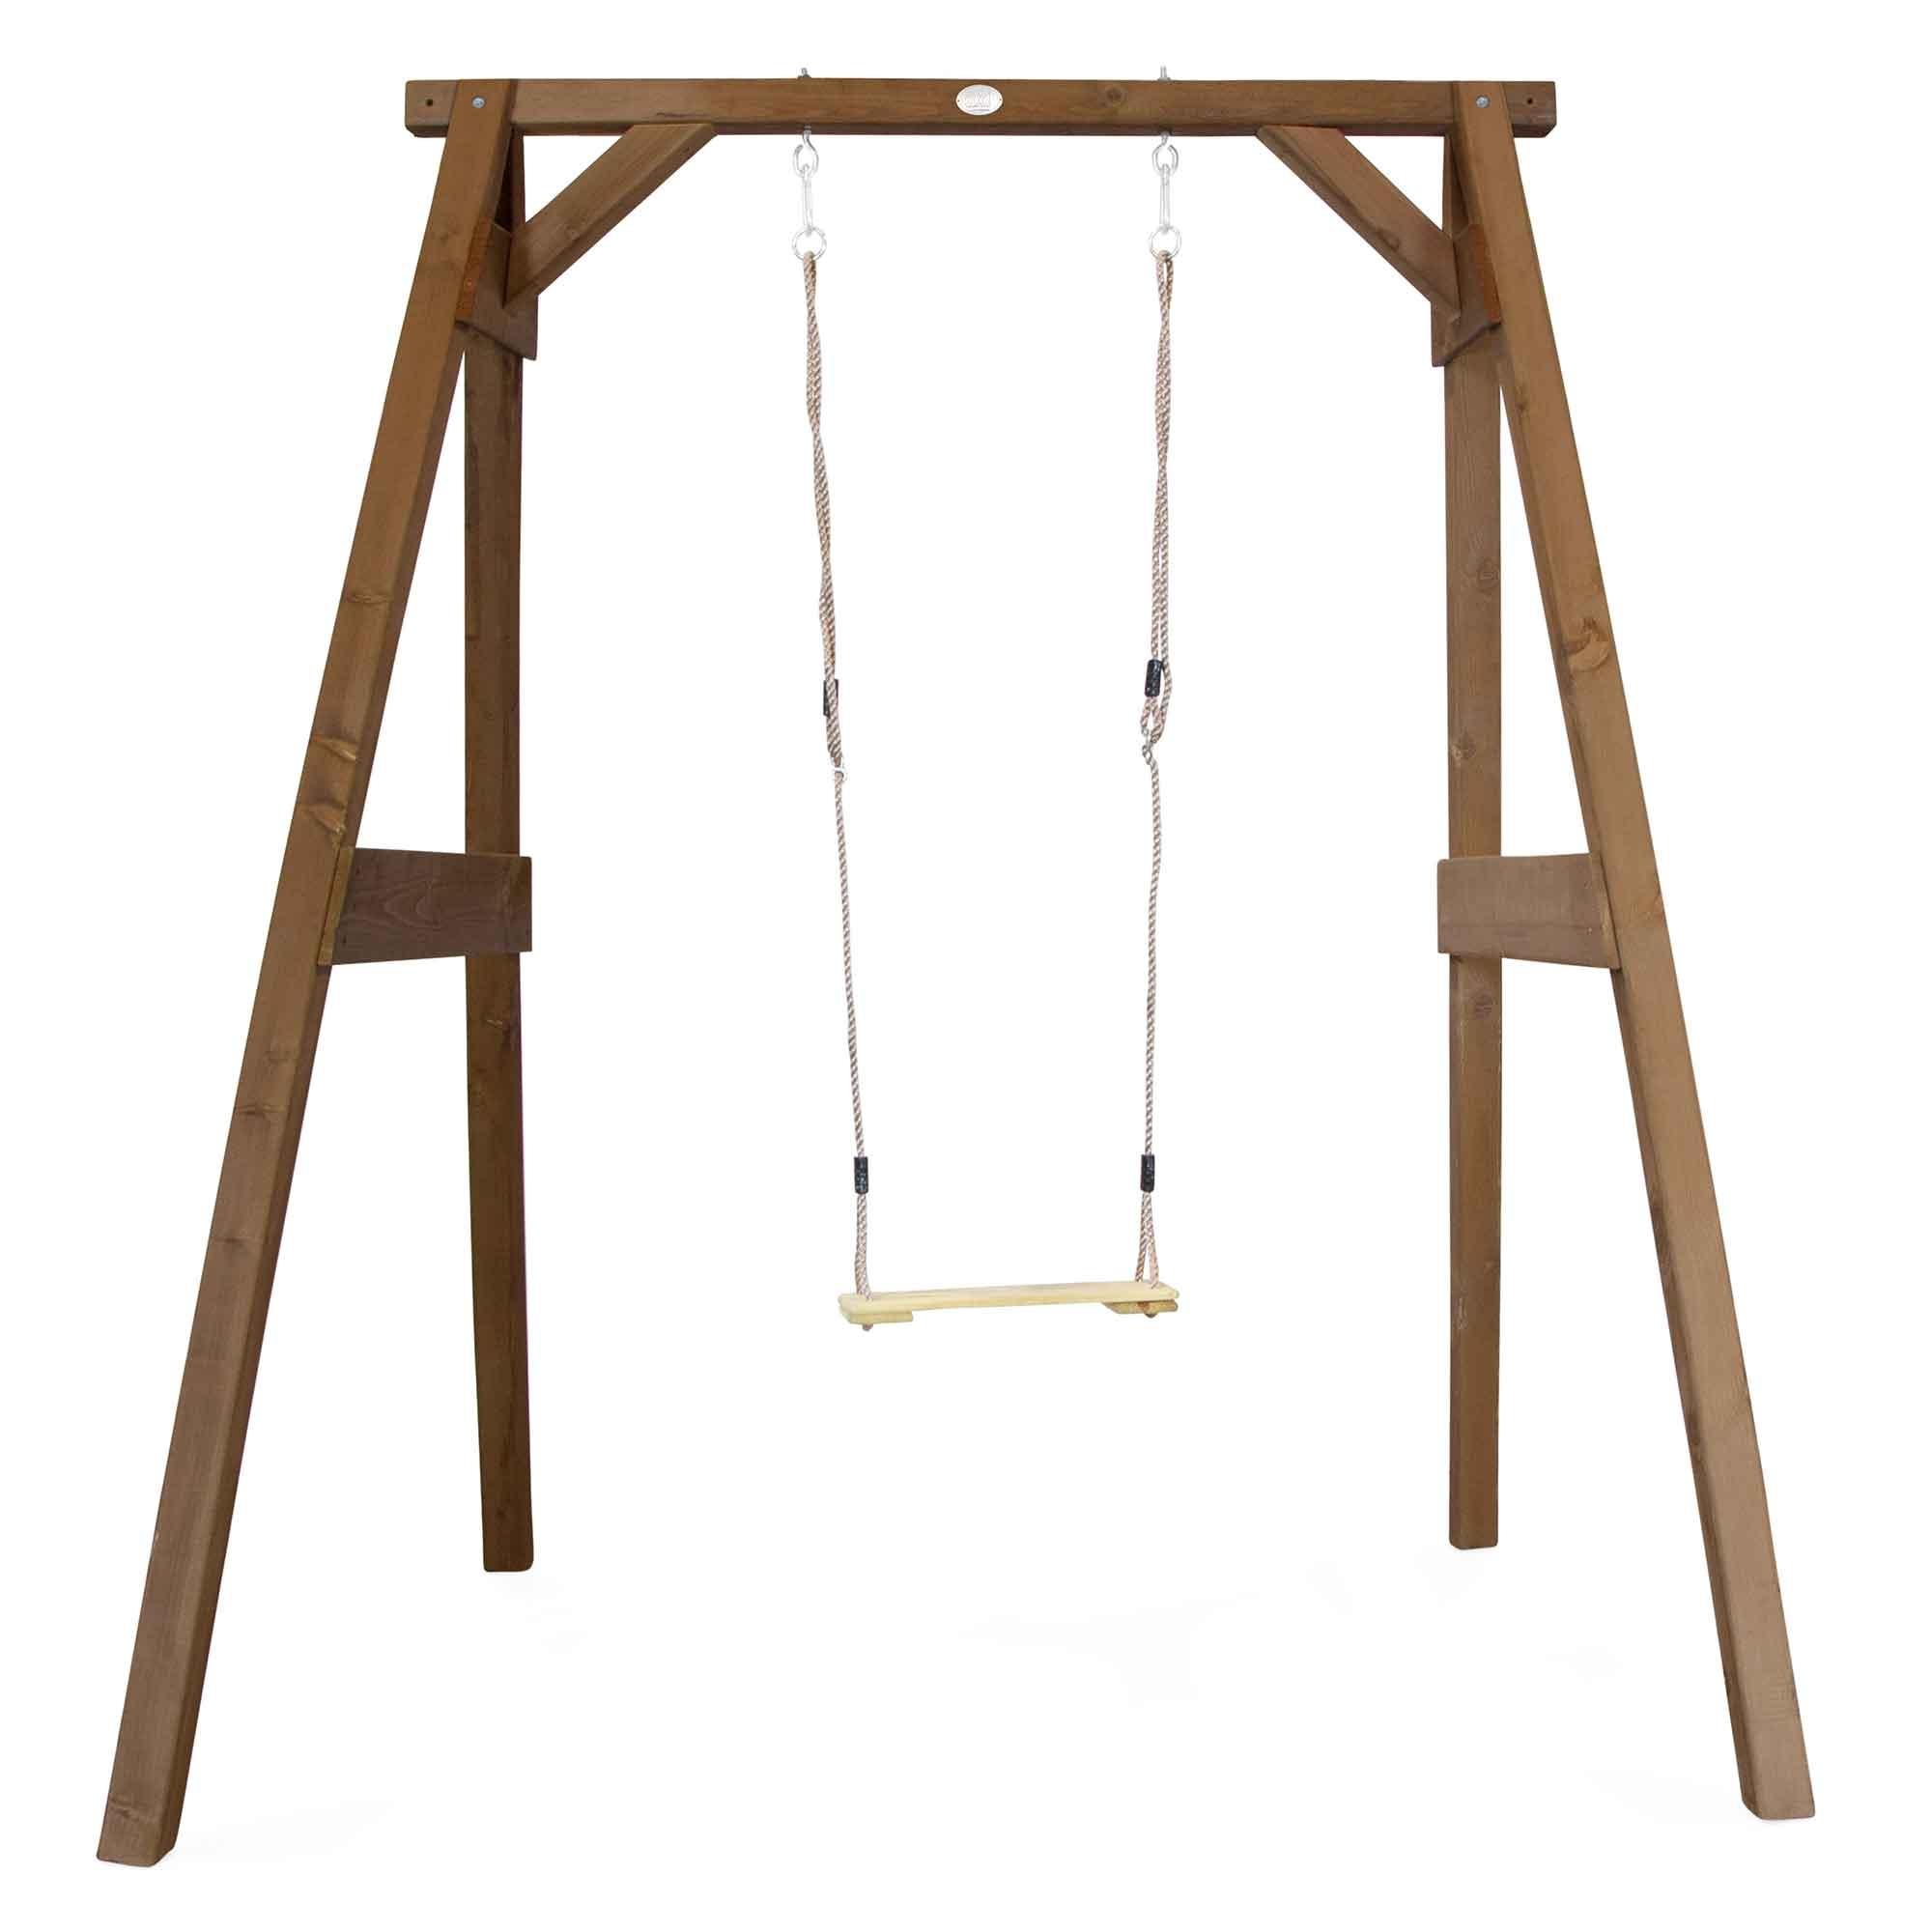 Portique 1 balançoire en bois marron